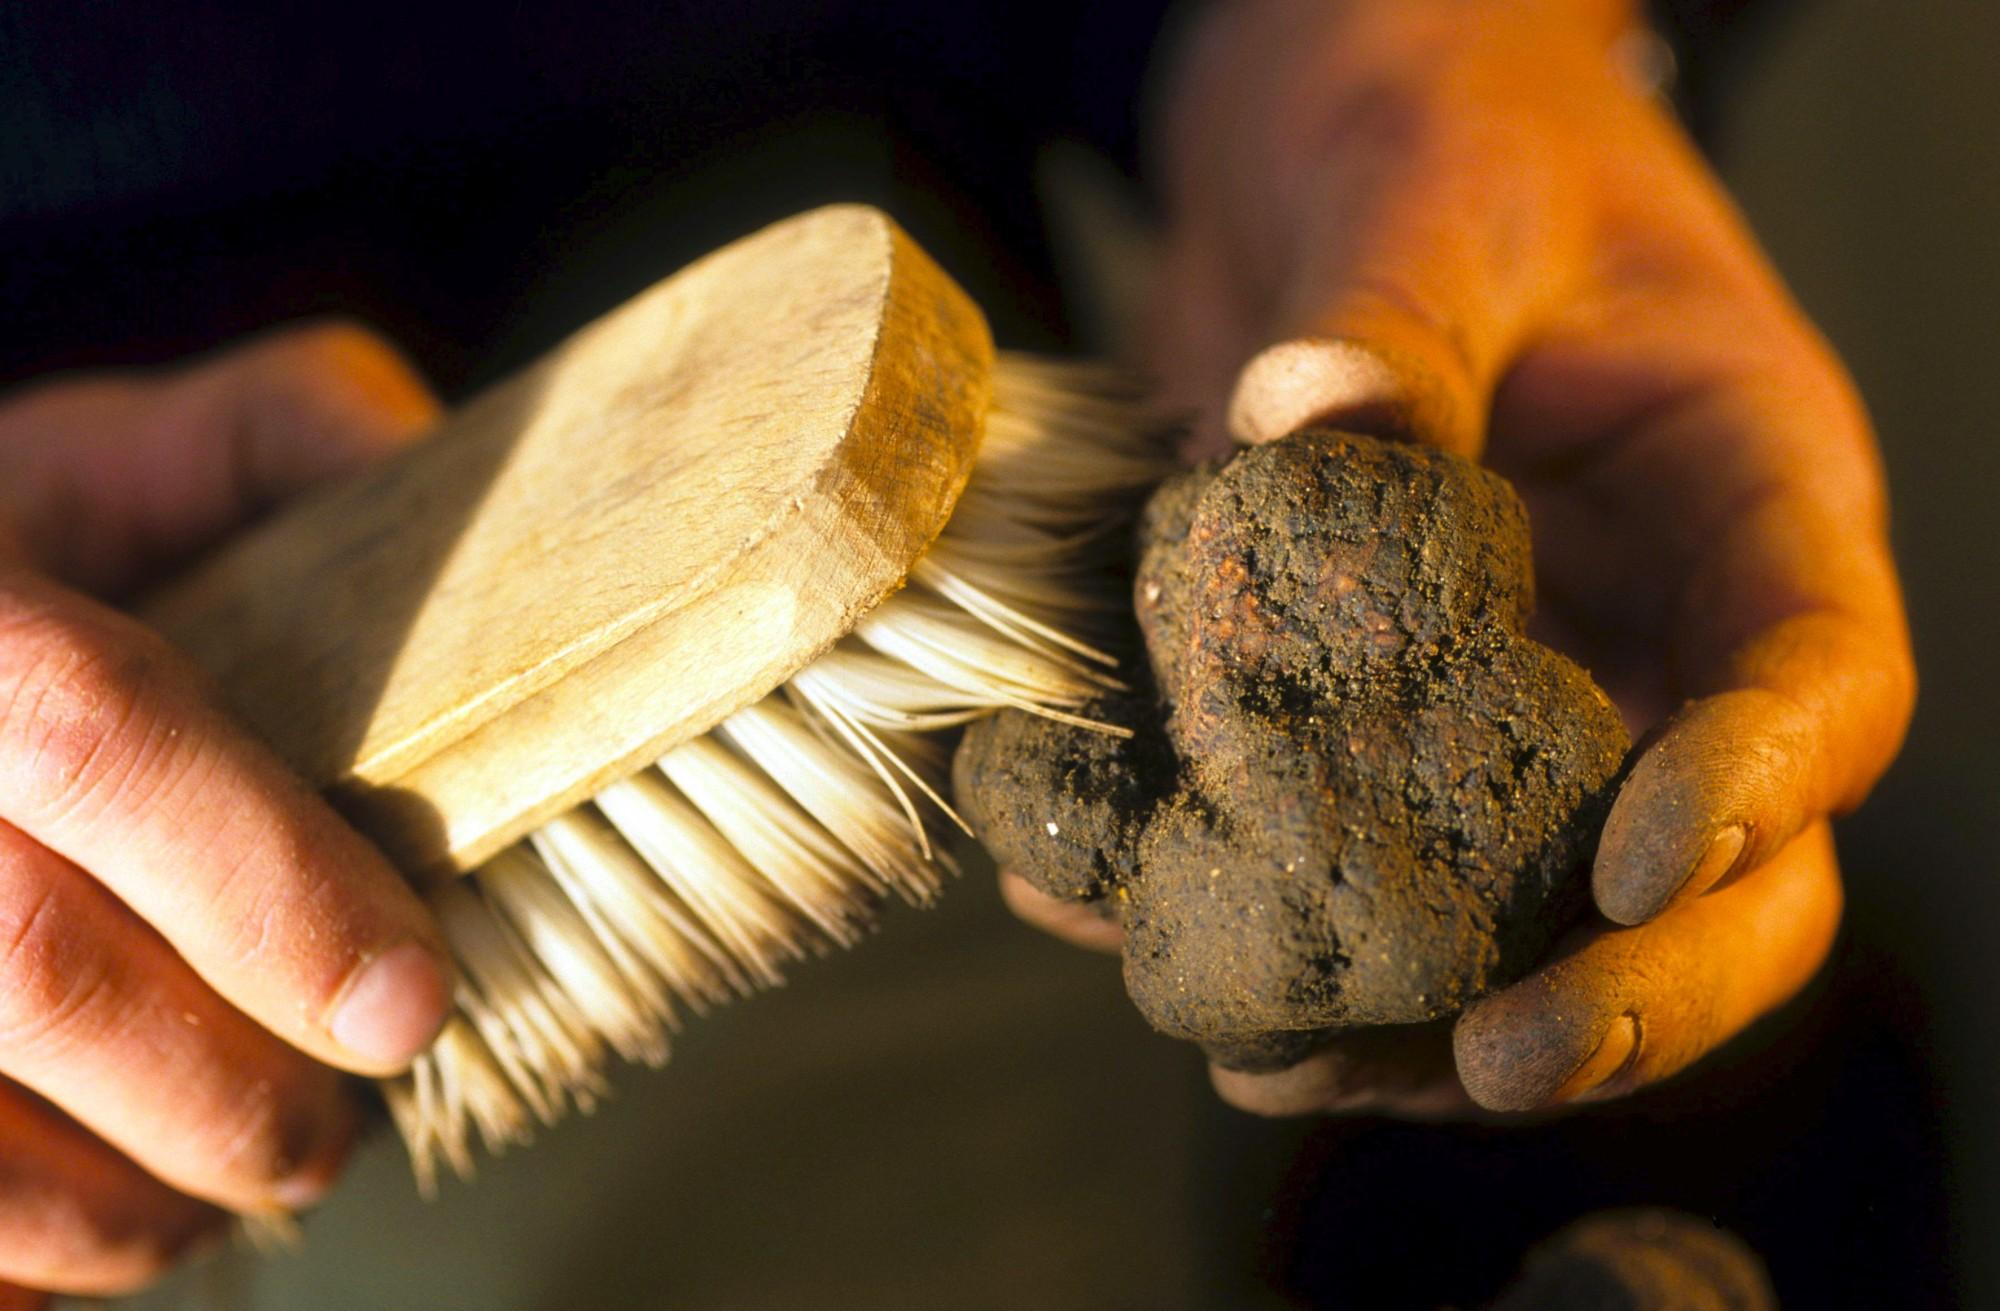 Netoyage d'une truffe